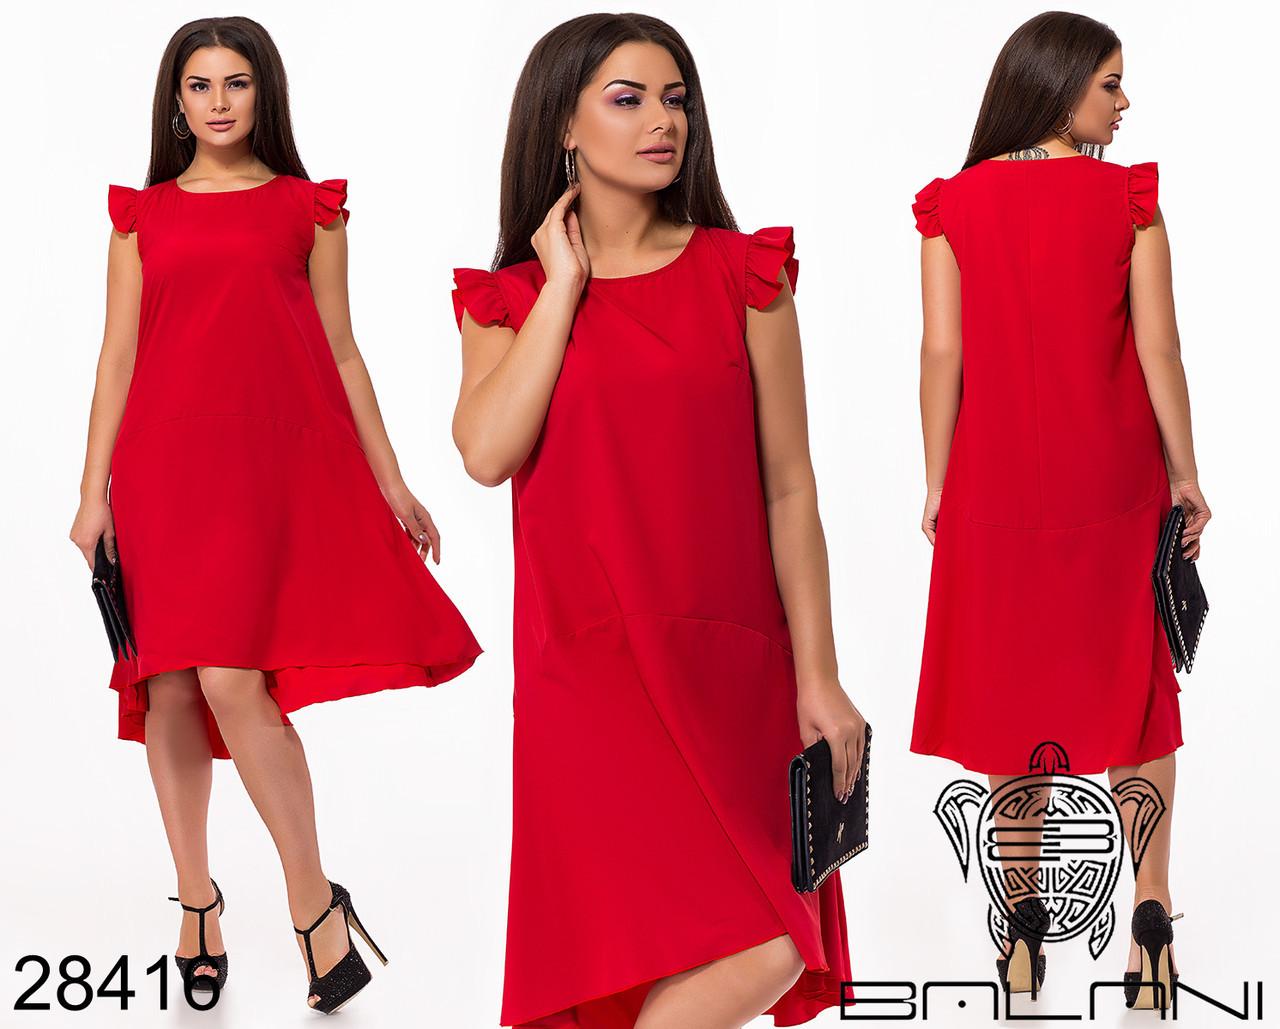 dfe5c43fde97f93 Красивое летнее платье красное короткое Большого размера - TAVIT.shopping в  Харькове